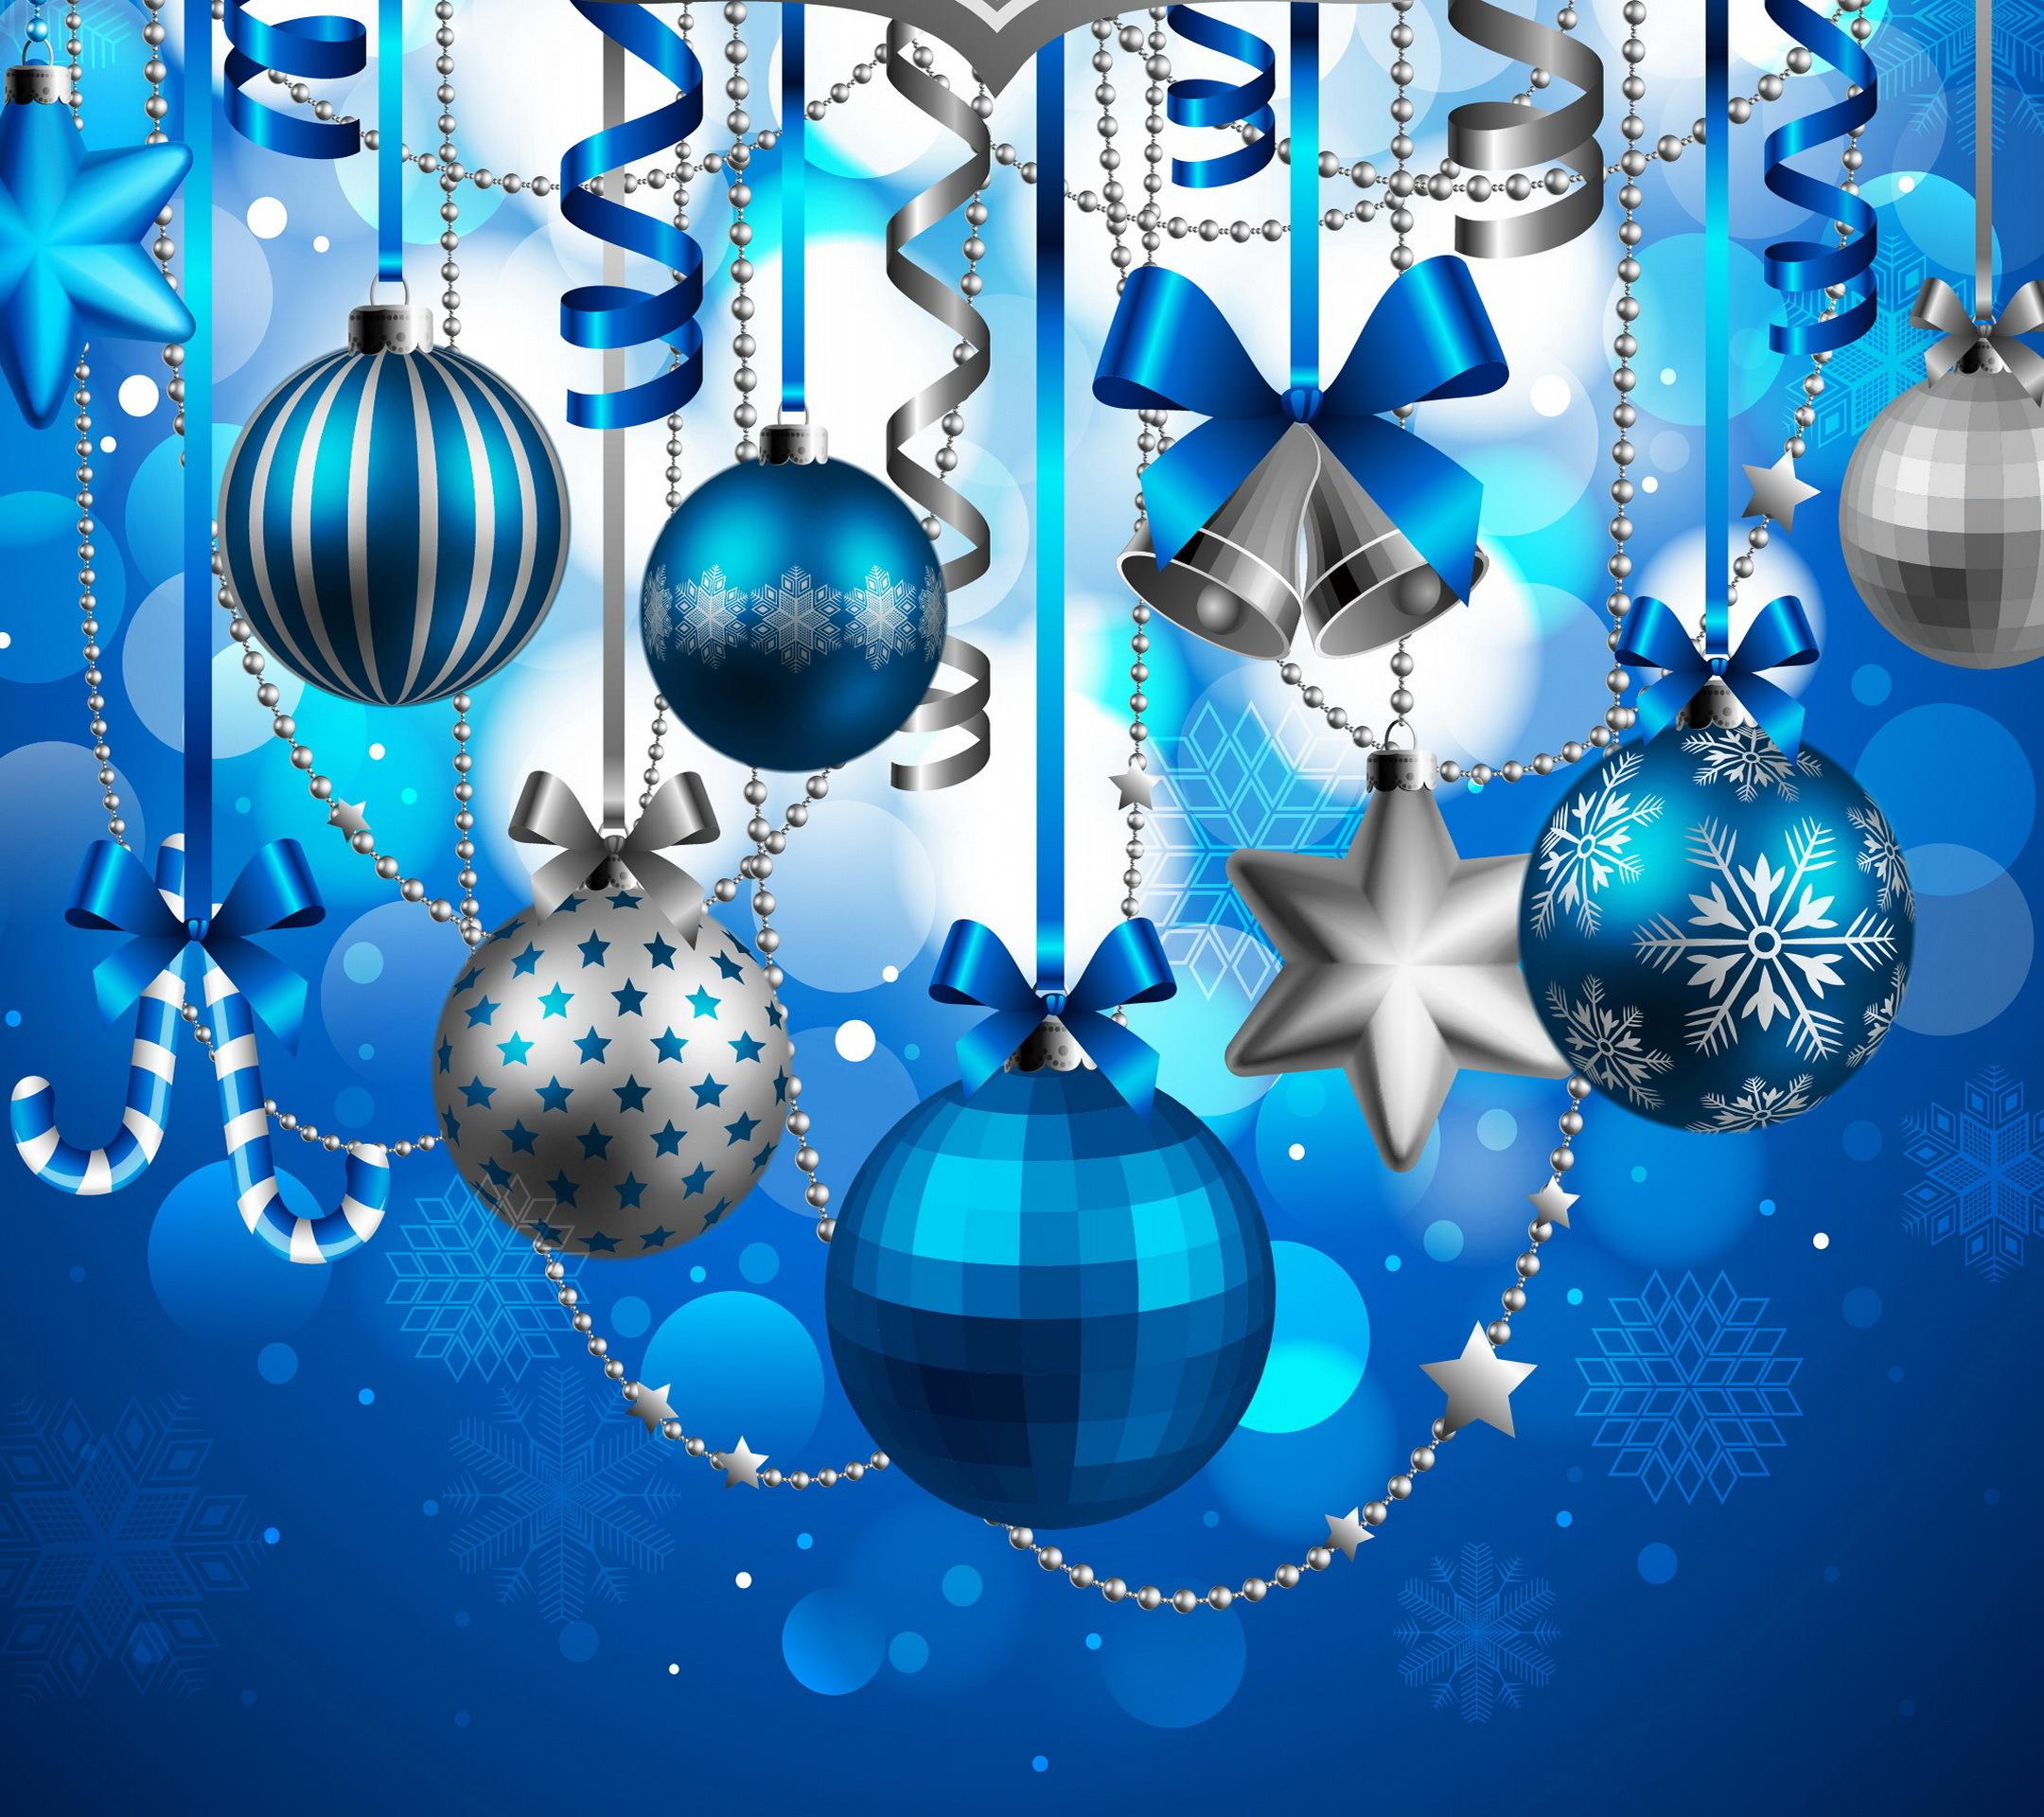 Открытки к новому году с шарами, ребенка